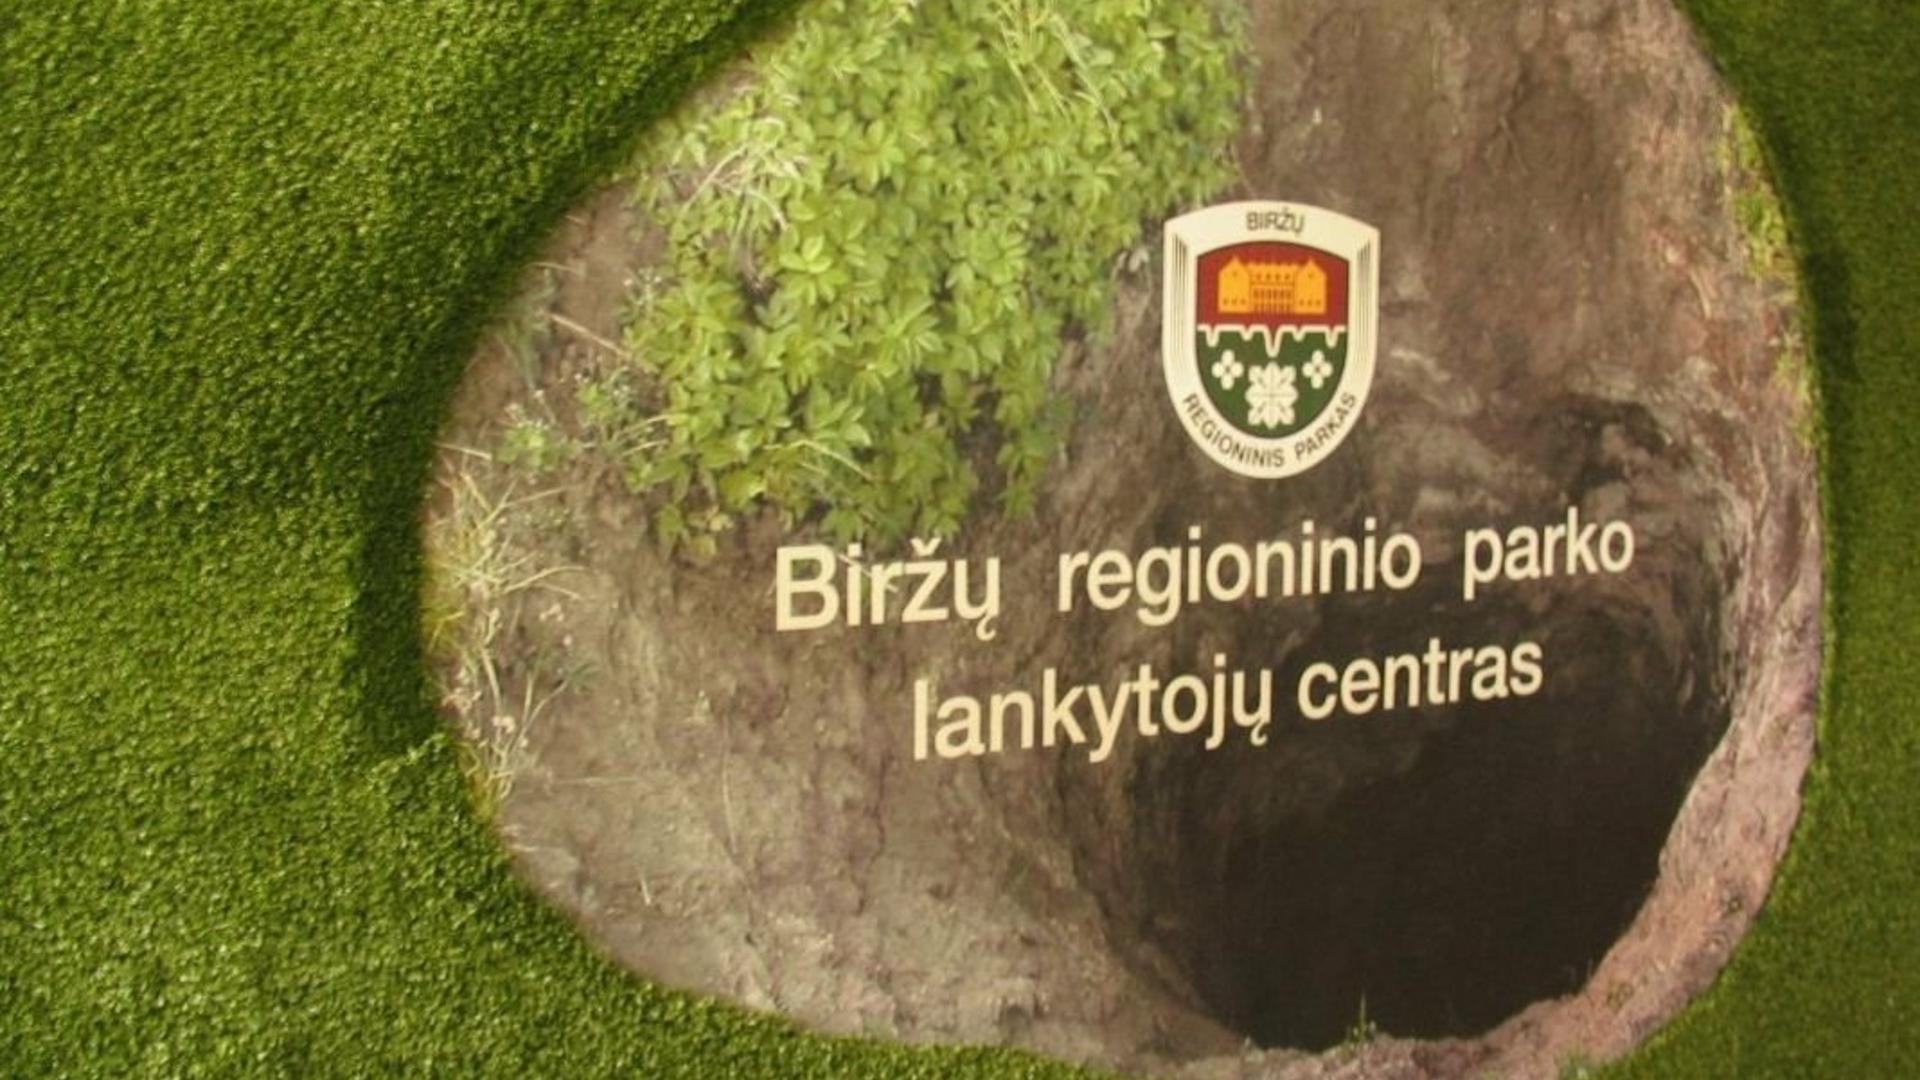 Biržų regioninio parko lankytojų centro ekspozicija